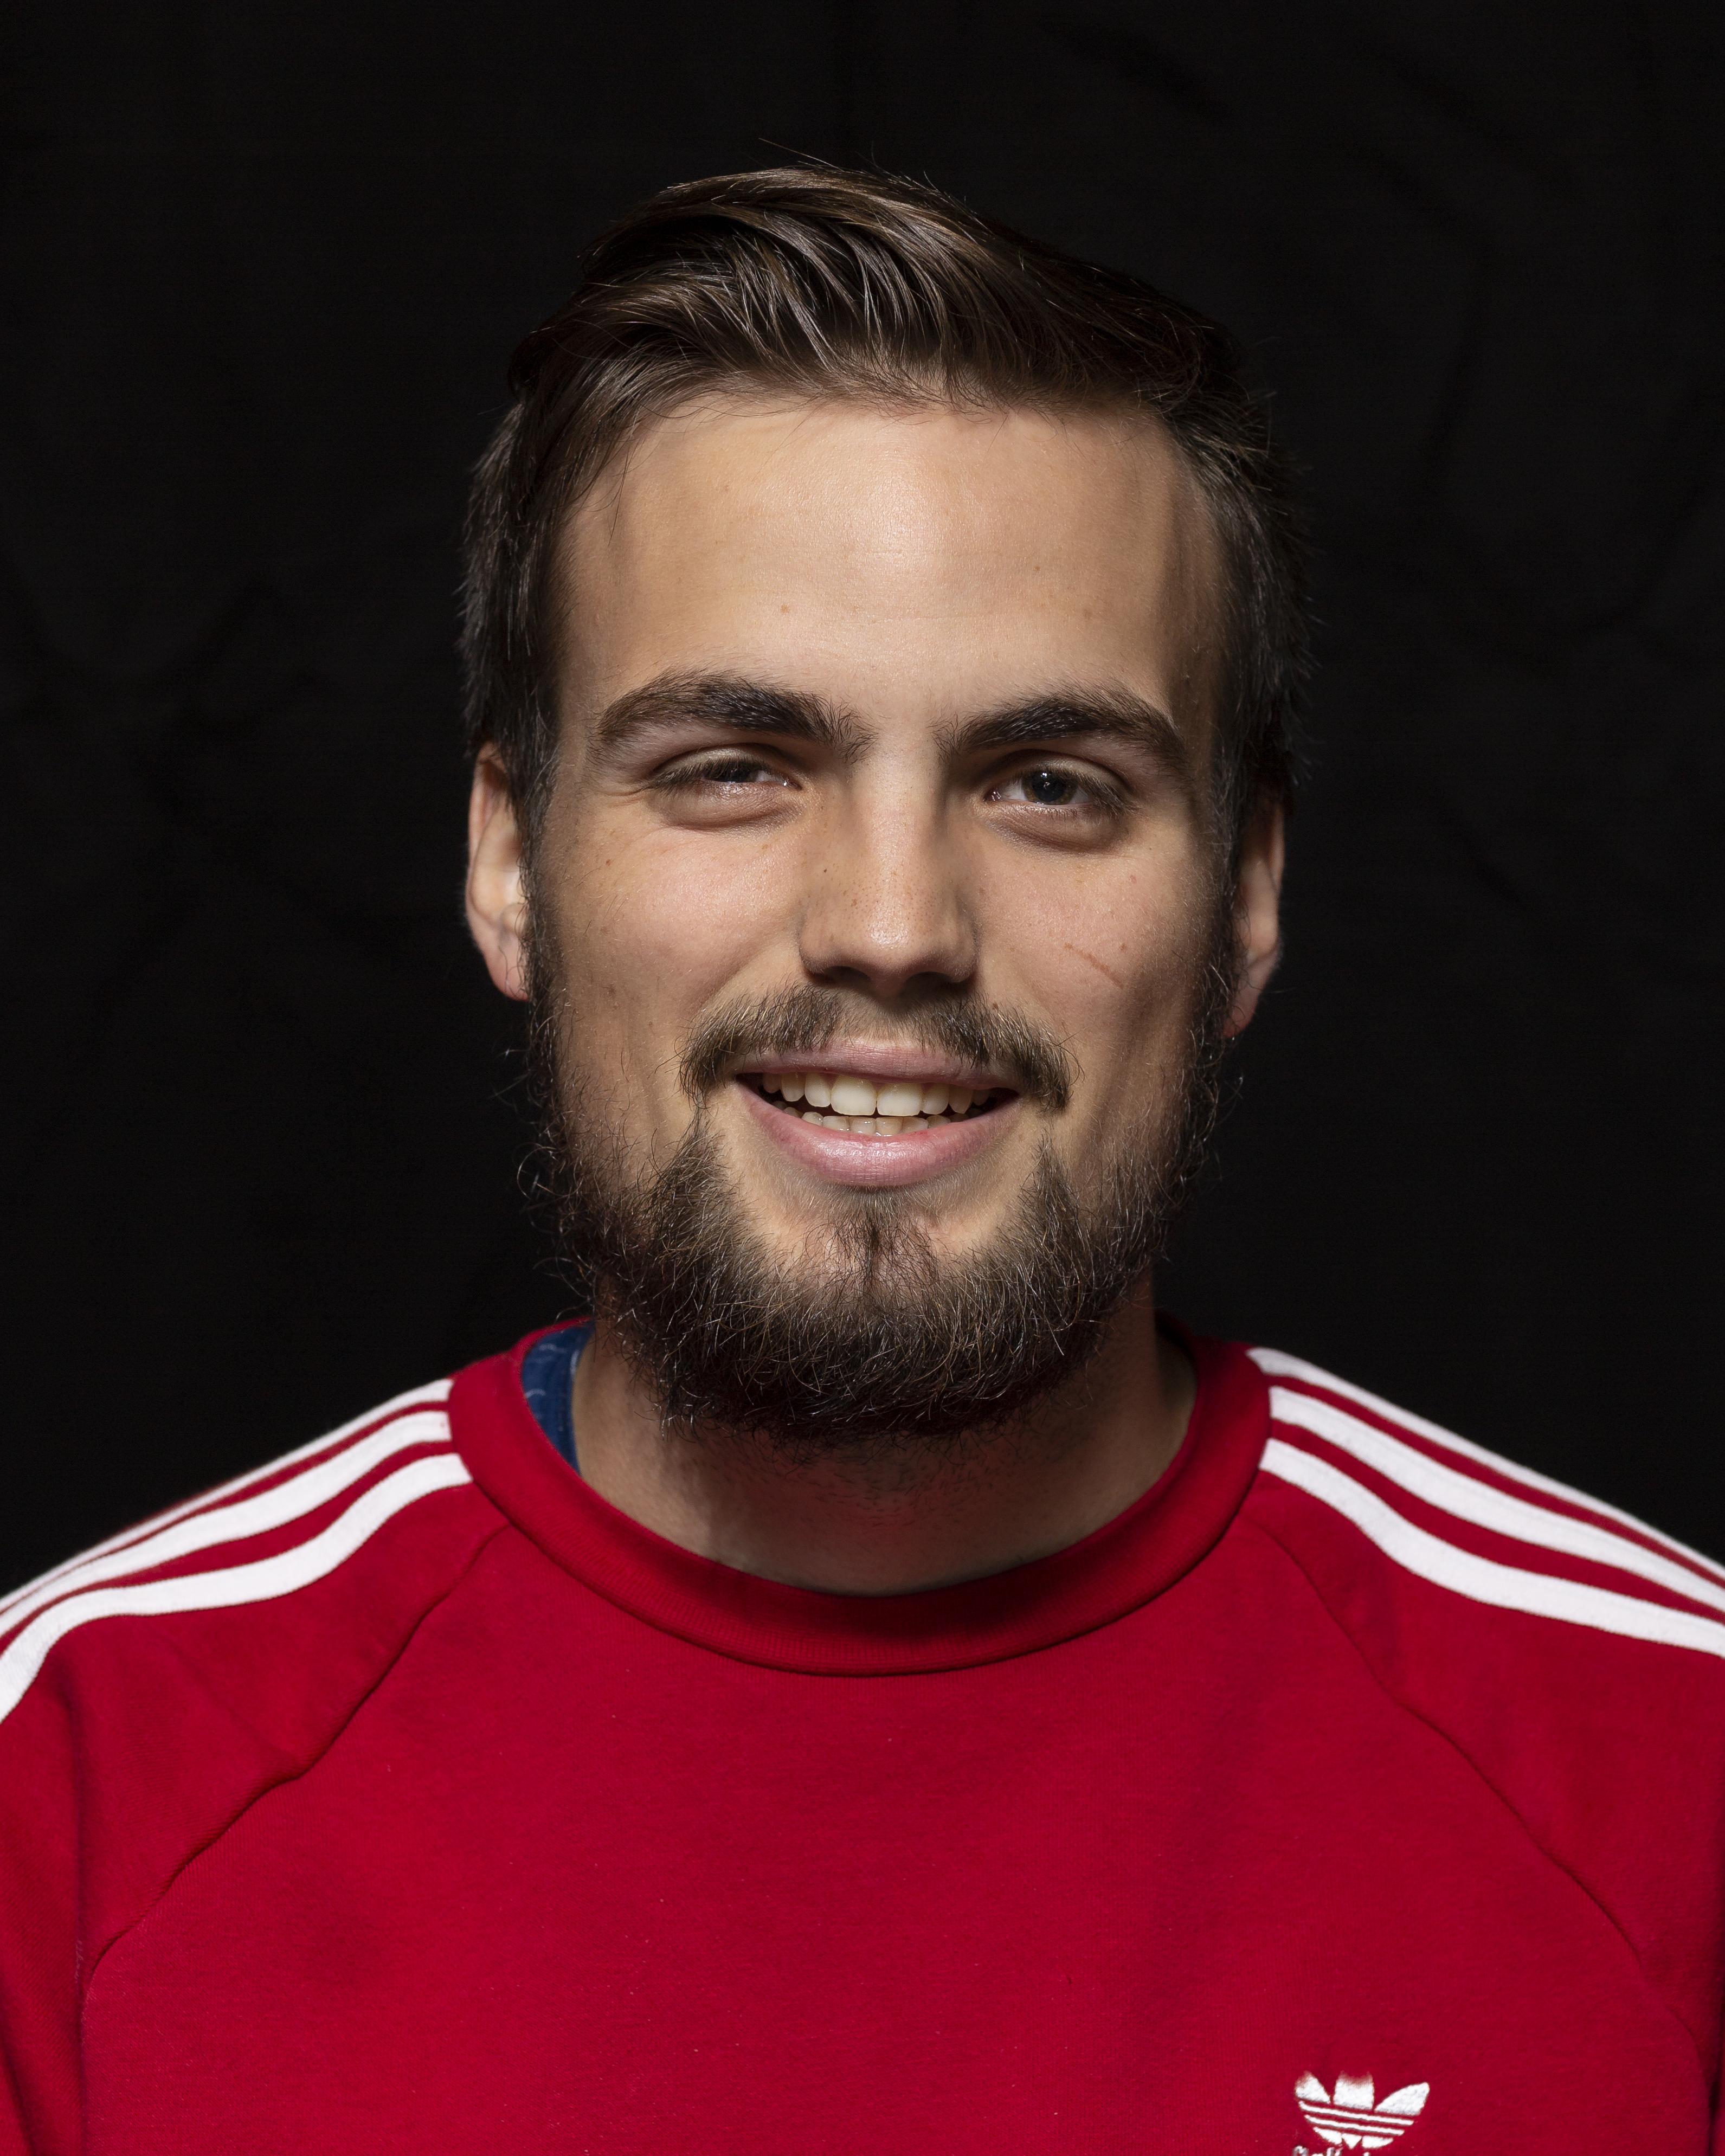 Elias Streit